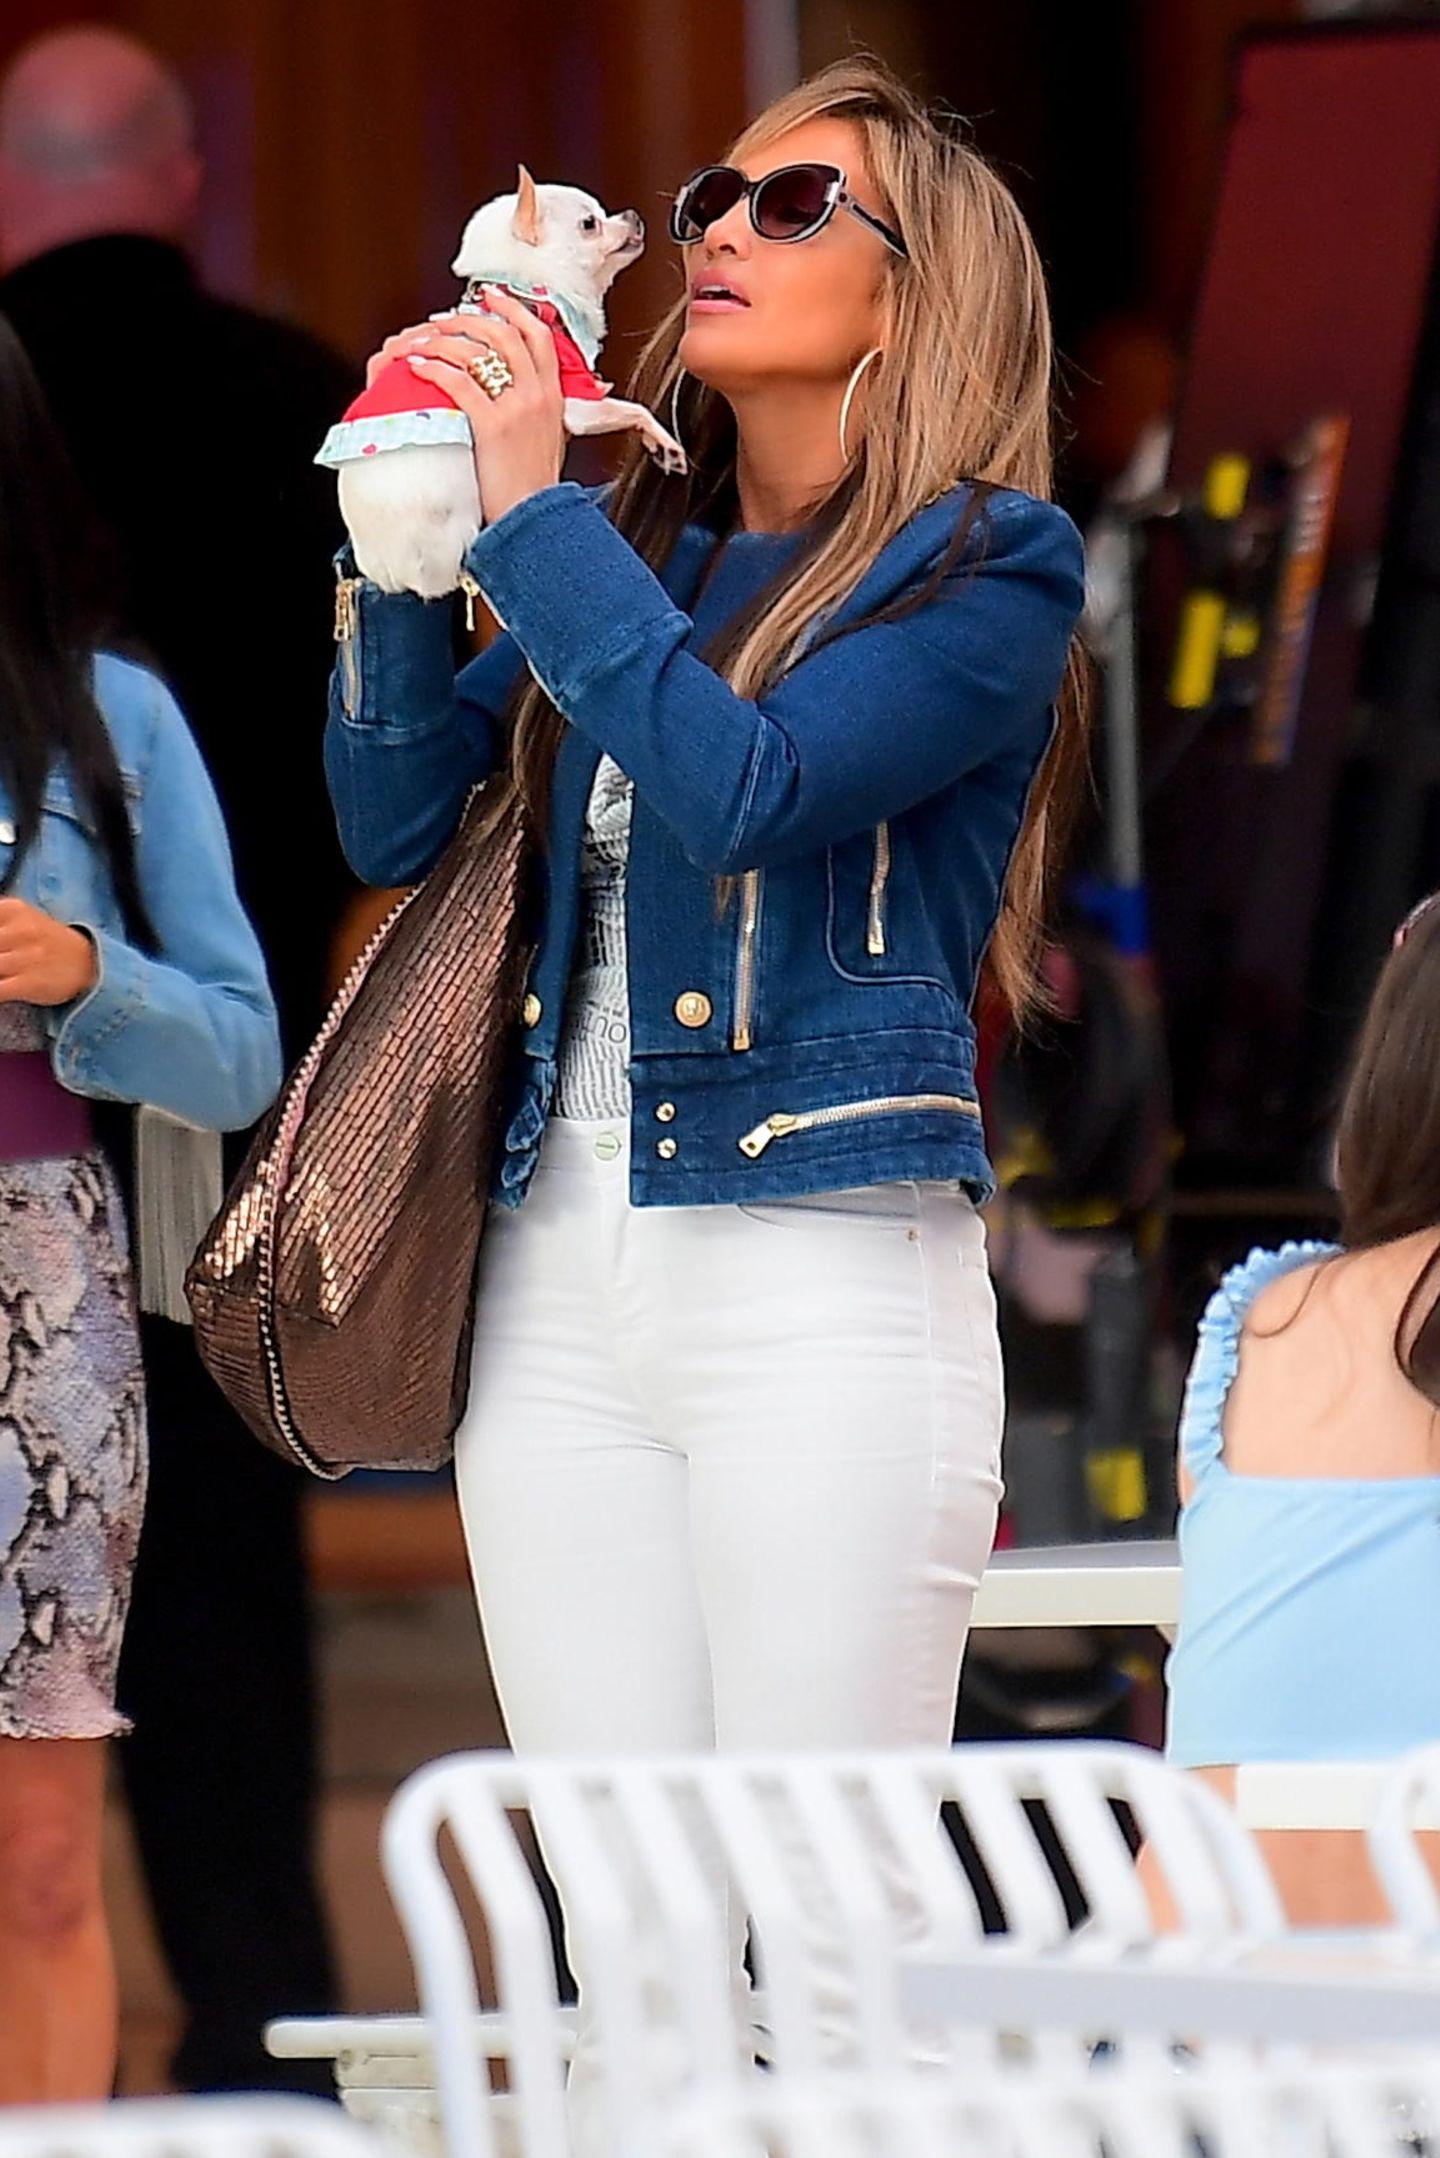 """Die Dreharbeiten zu """"Hustlers"""" haben begonnen: In dem Film schlüpft Jennifer Lopez in die Rolle einer Ex-Stripperin. Der Film basiert auf einer wahren Geschichte, die von einer Gruppe ehemaliger Stripperinnen in New York erzählt. Sie hecken eine Plan aus, um ihren reichen Wall-Street-Kunden das Geld aus der Tasche zu ziehen.  In dieser Szene gibt es von der Schauspielerin Küsschen für einenChihuahua."""